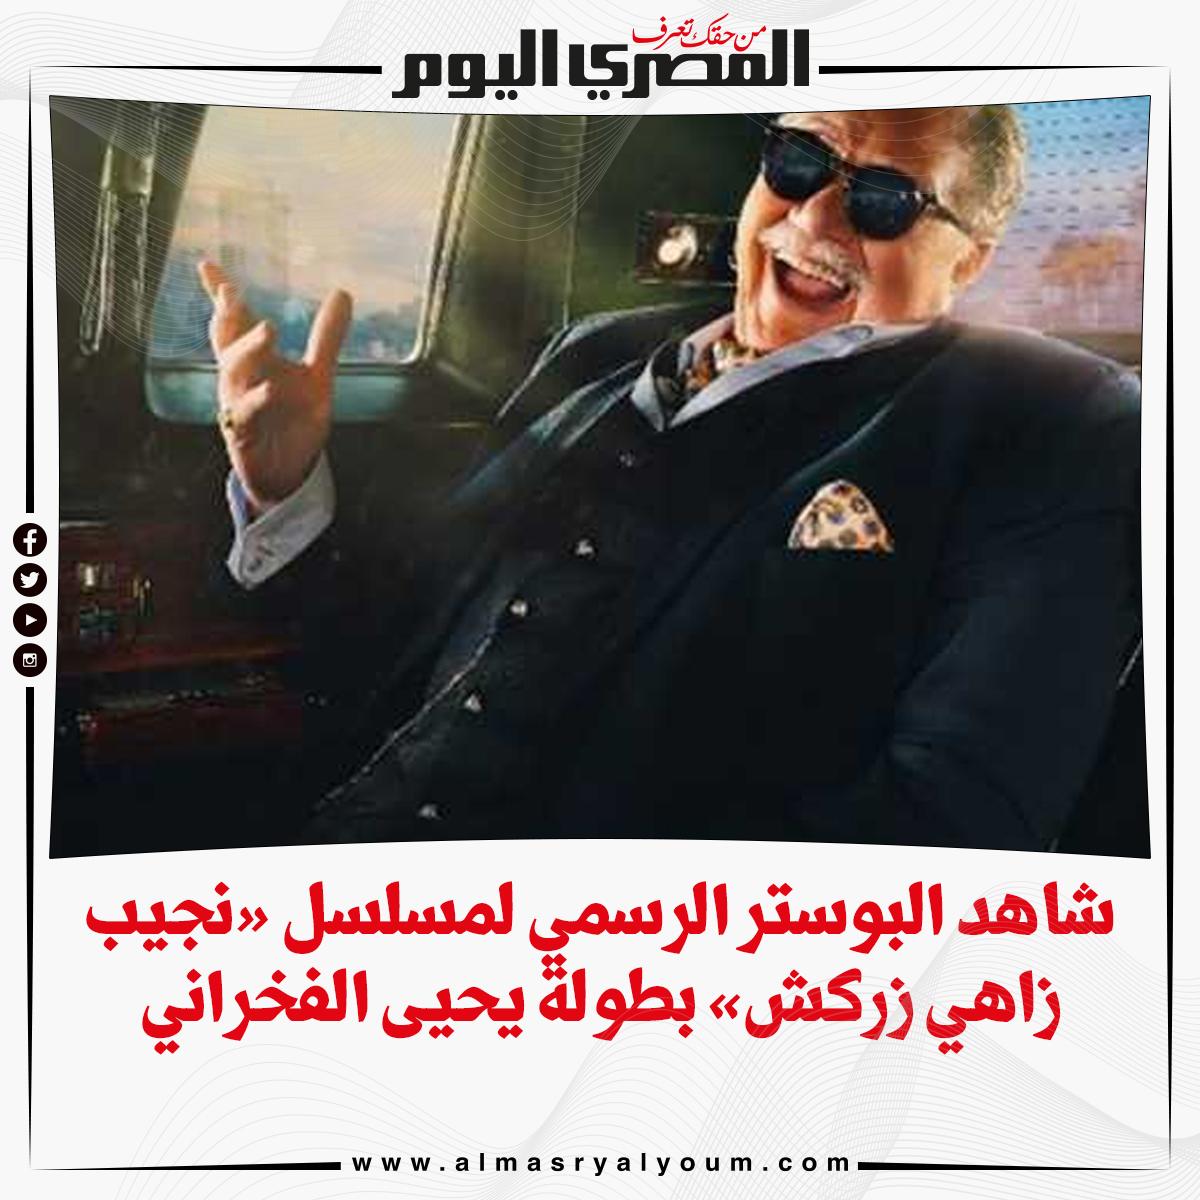 شاهد البوستر الرسمي لمسلسل « نجيب زاهي زركش» بطولة يحيى الفخراني